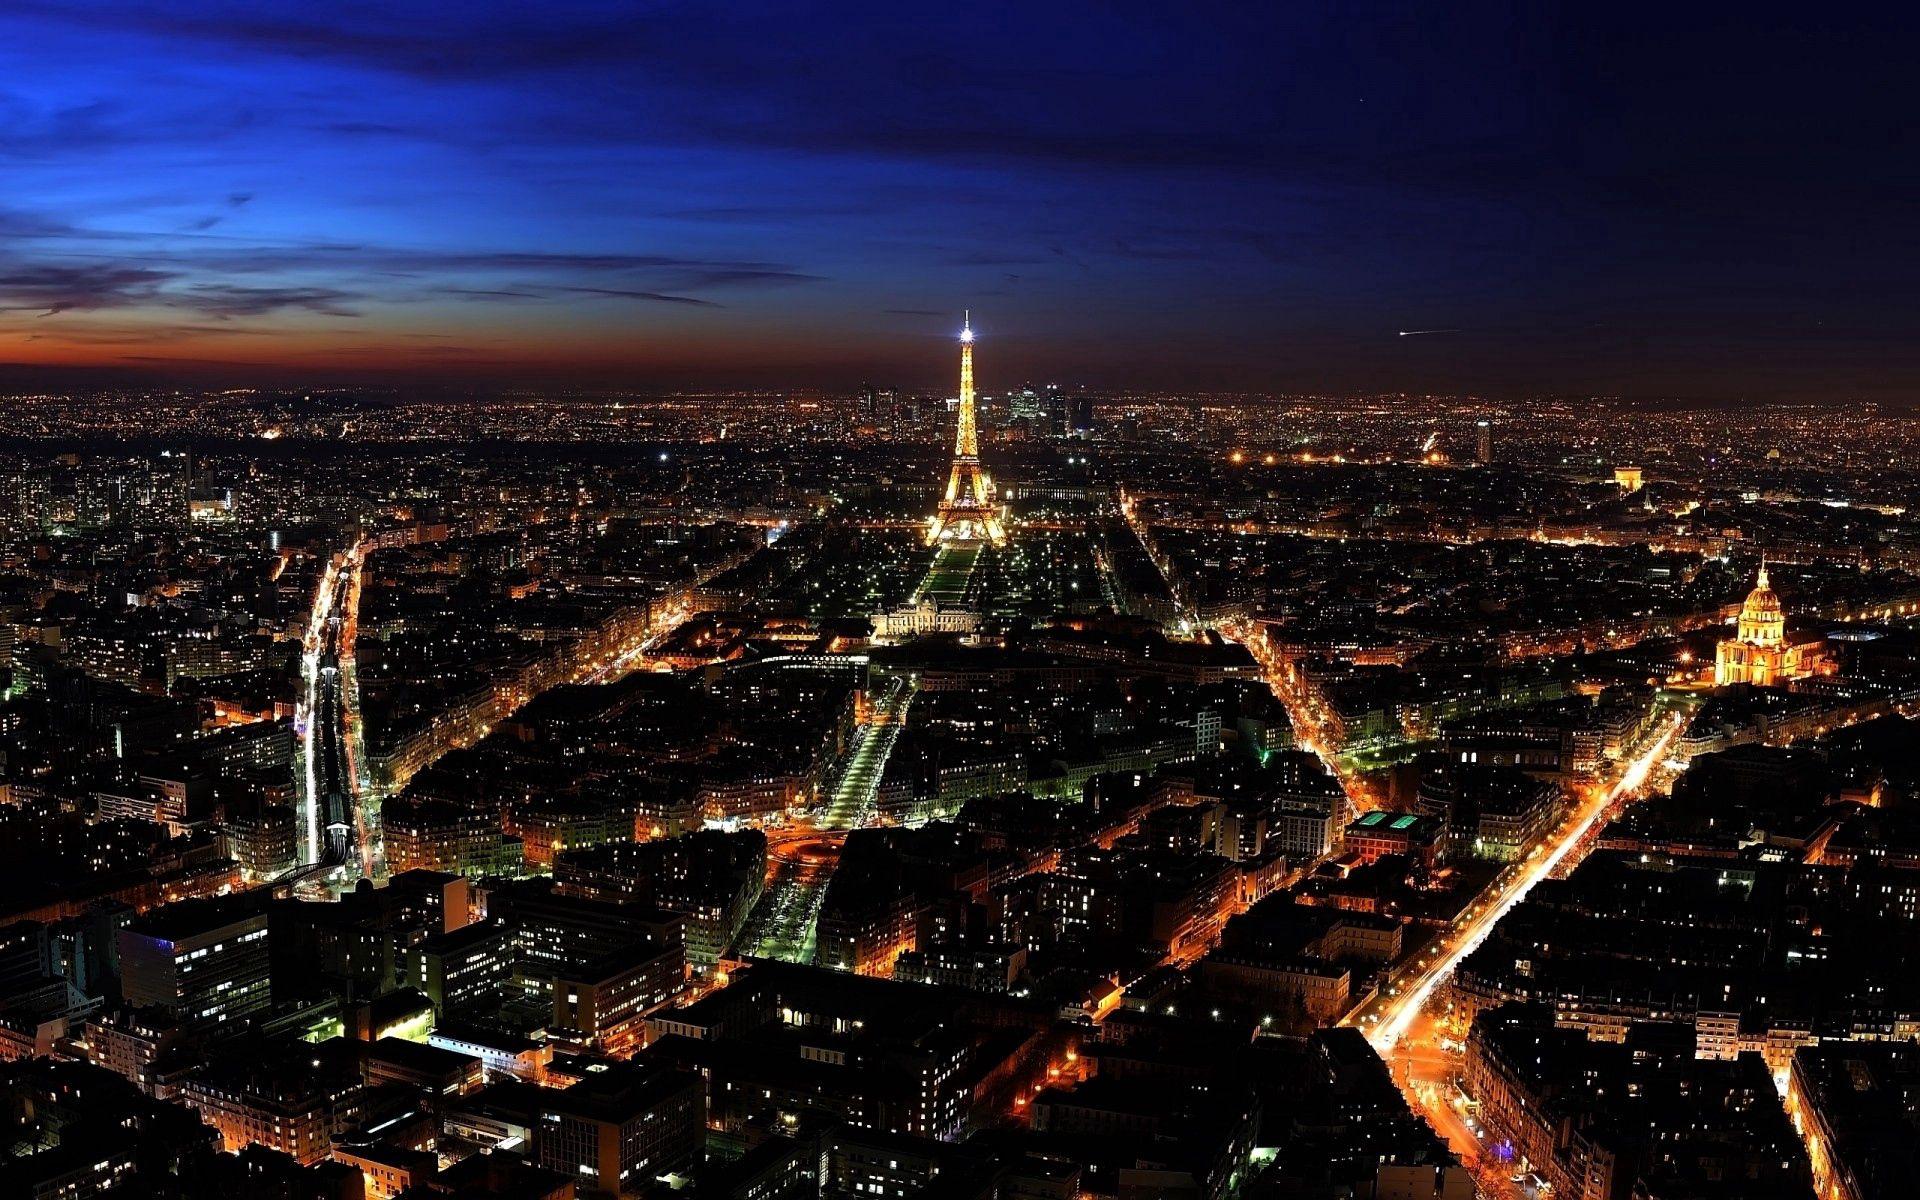 67955壁紙のダウンロードパリ, フランス, ナイト, 上から見る, 街の明かり, シティライツ, 都市-スクリーンセーバーと写真を無料で